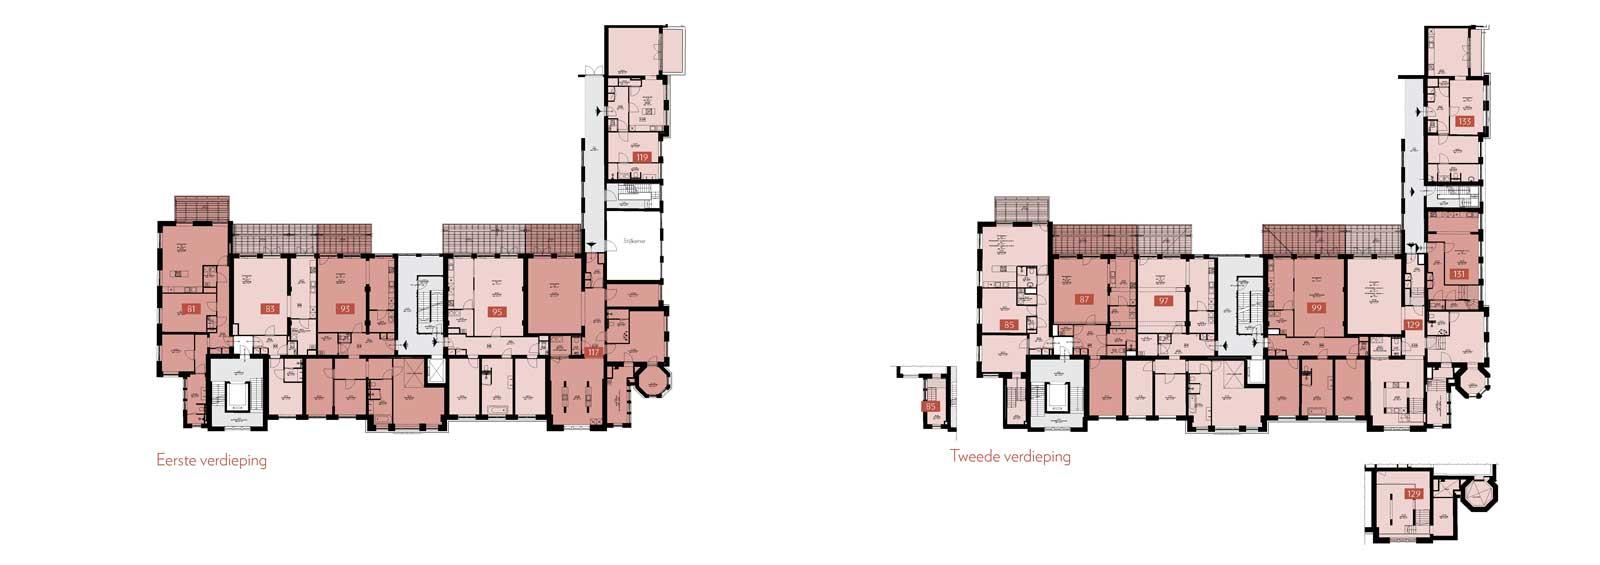 eerste verdieping en tweede verdieping - Rijksmonument Ooglijdersgasthuis Utrecht